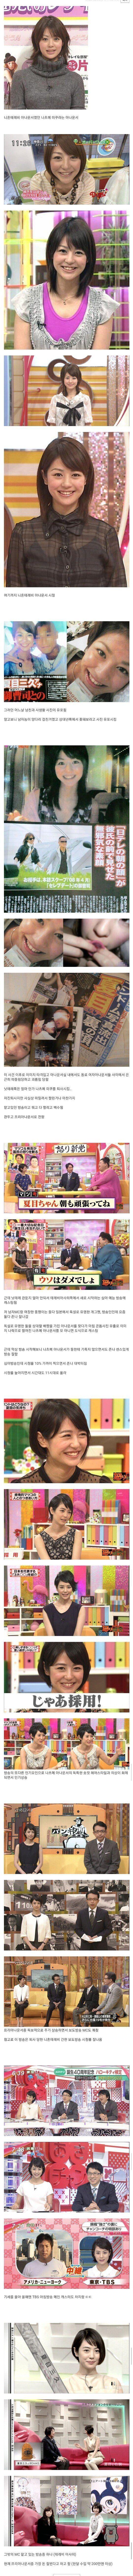 사생활 유출 당하고 오히려 인생역전한 일본 아나운서